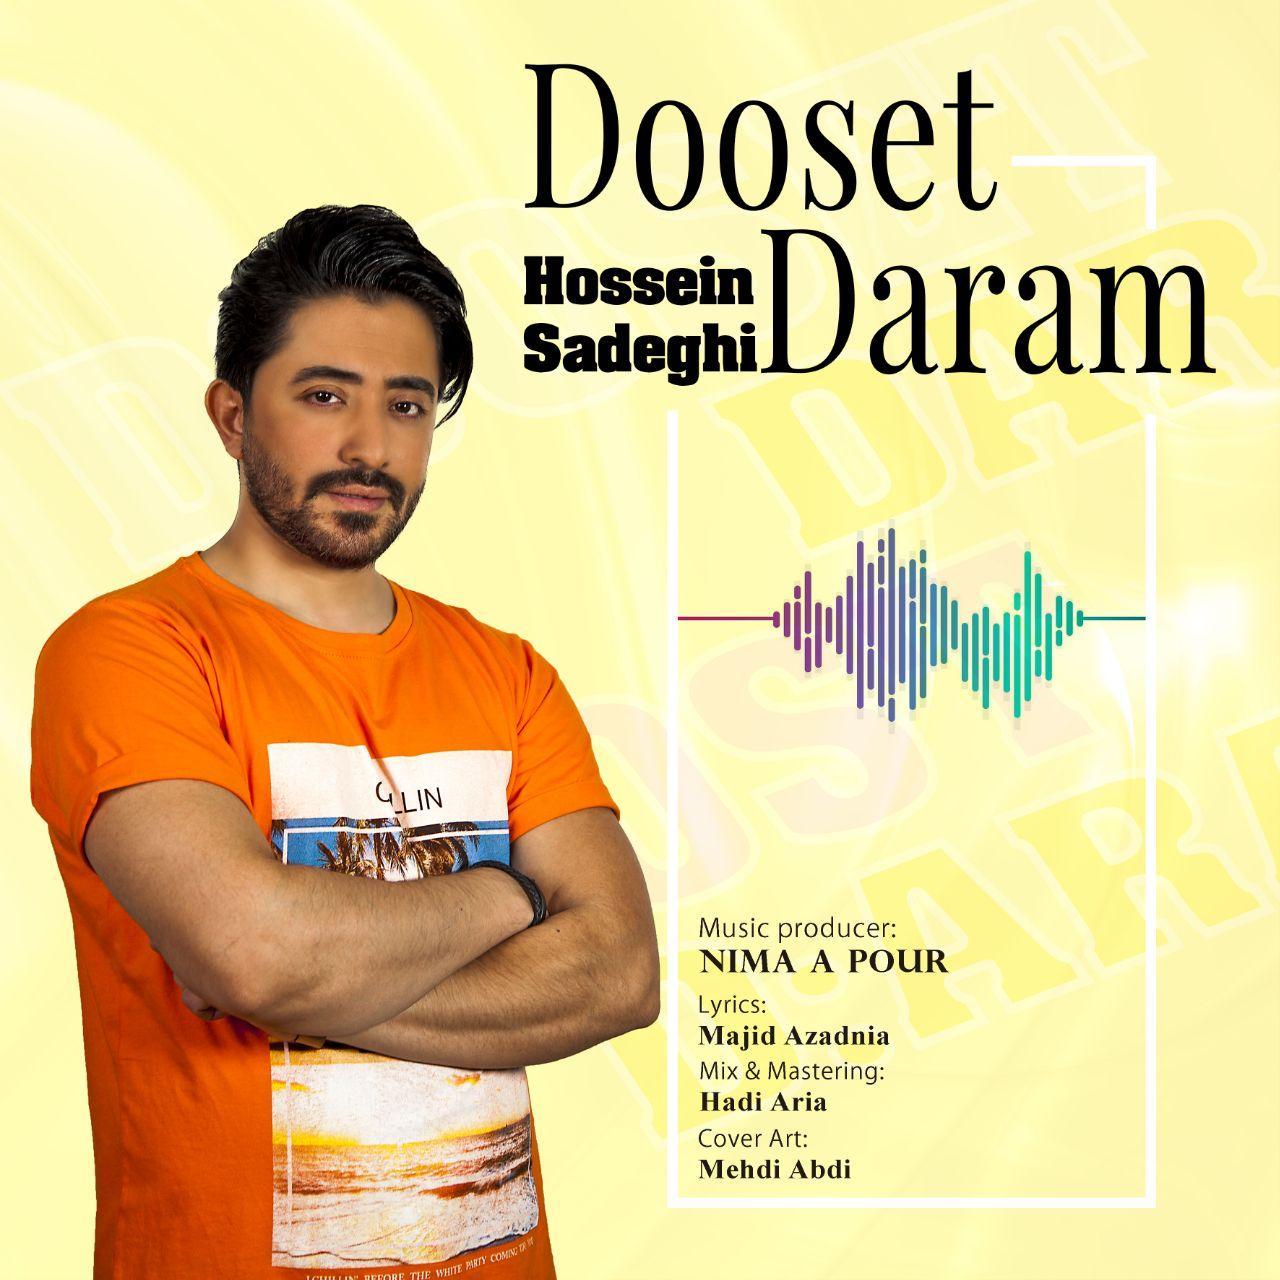 Hossein Sadeghi – Dooset Daram